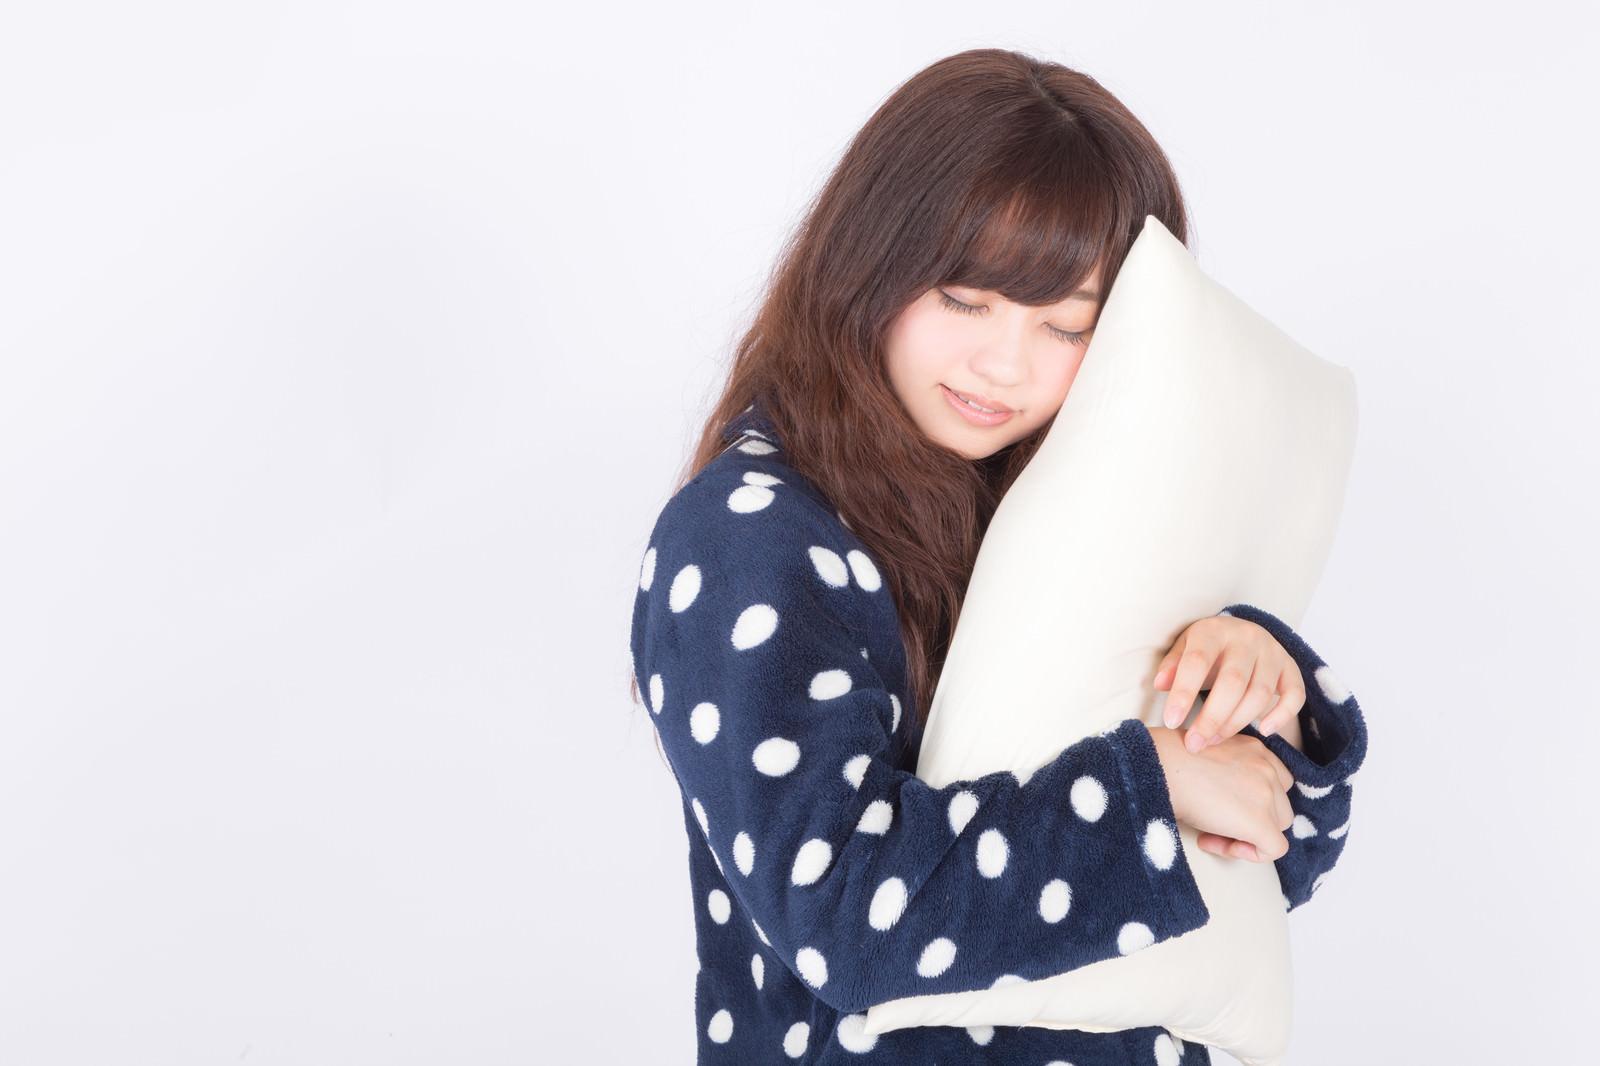 寝顔をかわいくする方法10選・彼女の寝顔を見た時の彼氏の本音